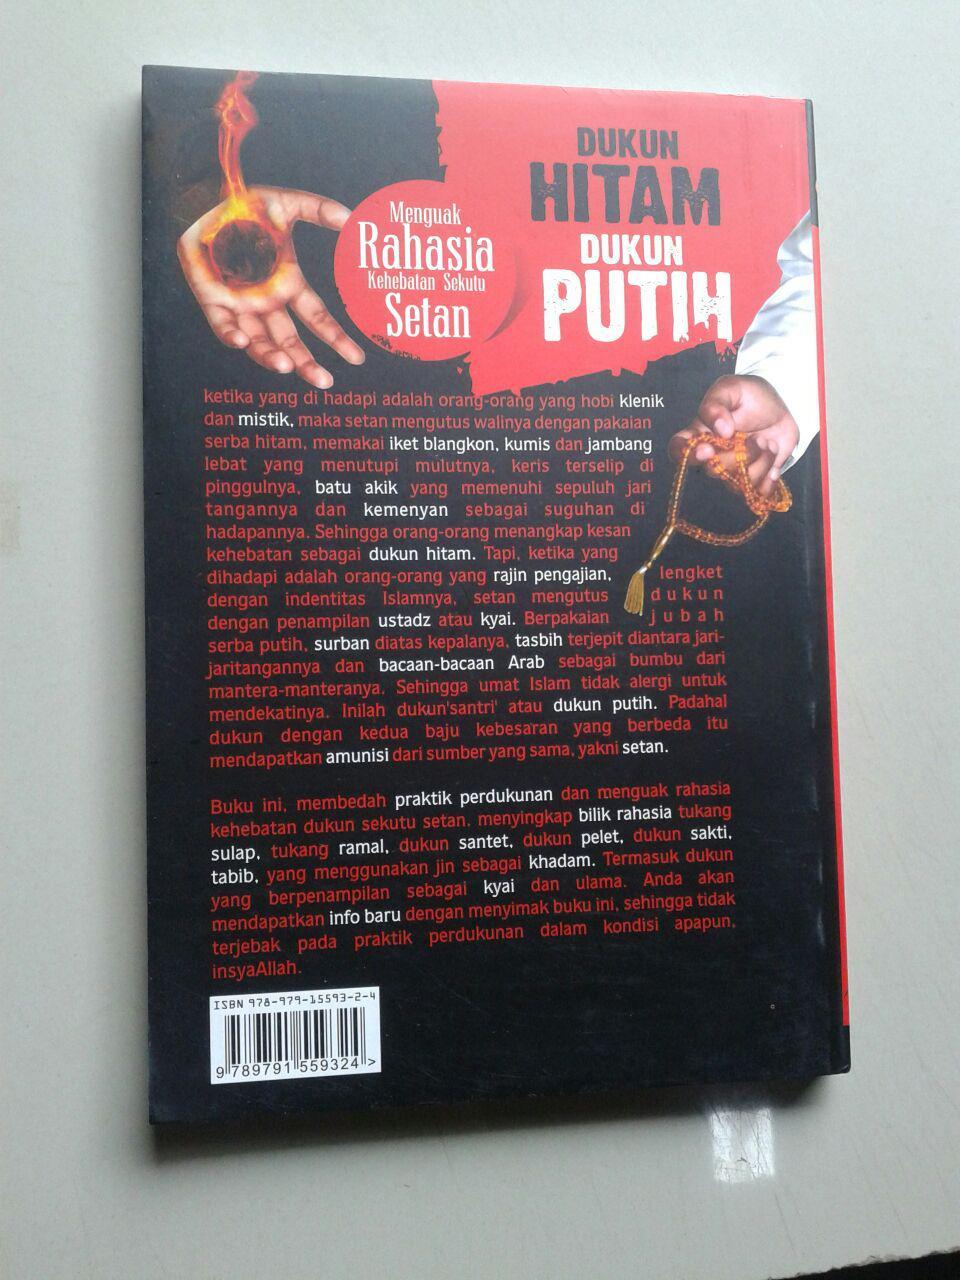 Buku Dukun Hitam Dukun Putih Menguak Rahasia Kehebatan Sekutu Setan cover 2